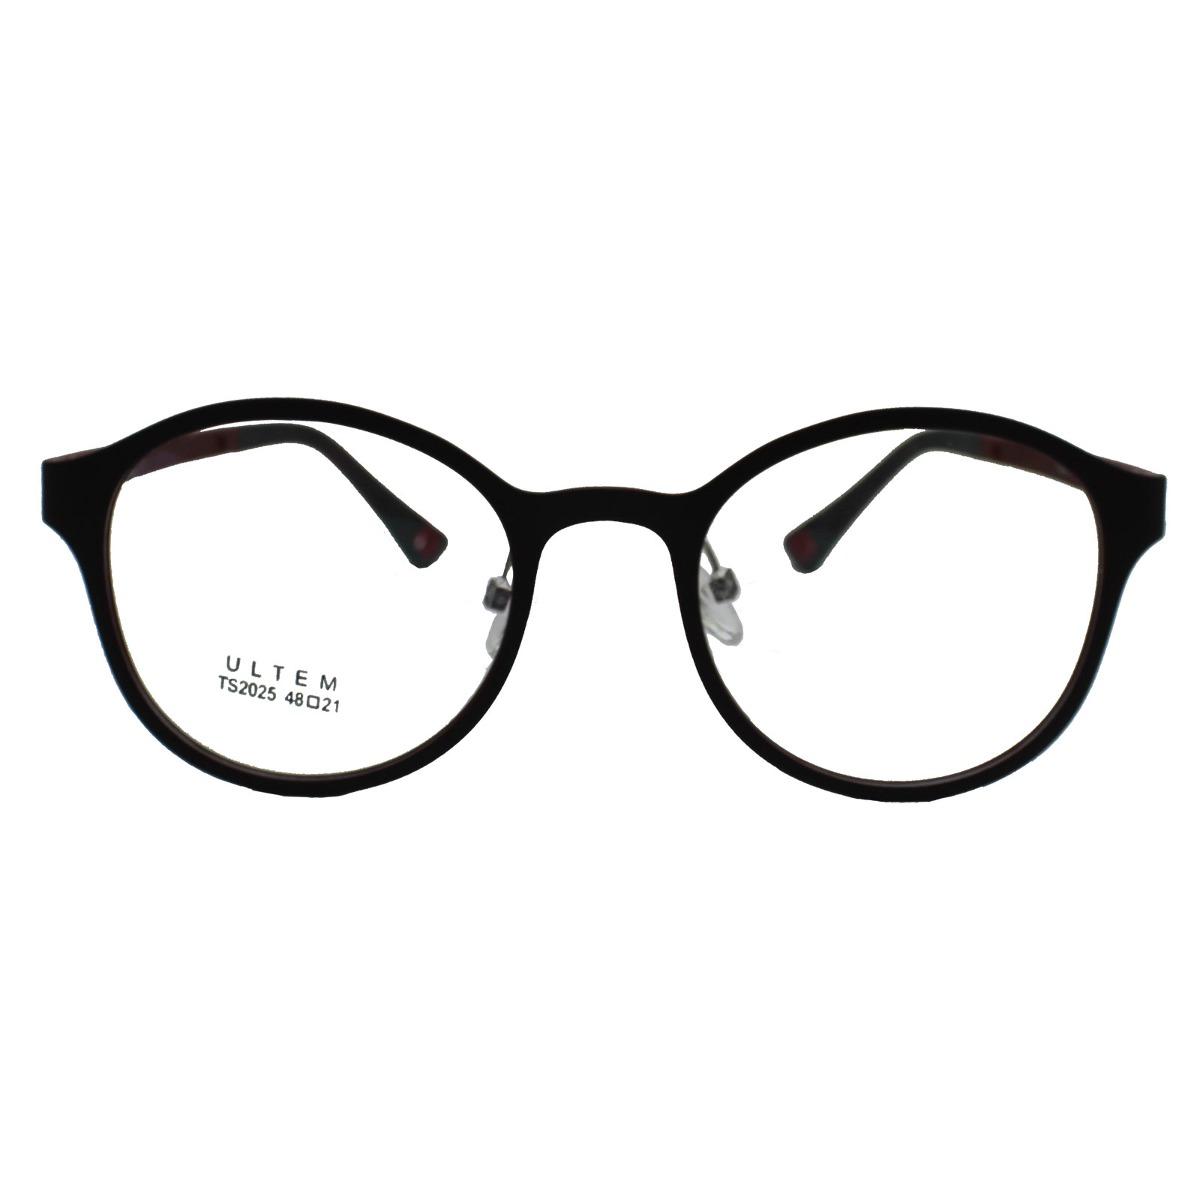 b5b3c6231cc12 Armação Para Óculos Díspar D1631 Vinho-arredondado-2018-grau - R ...